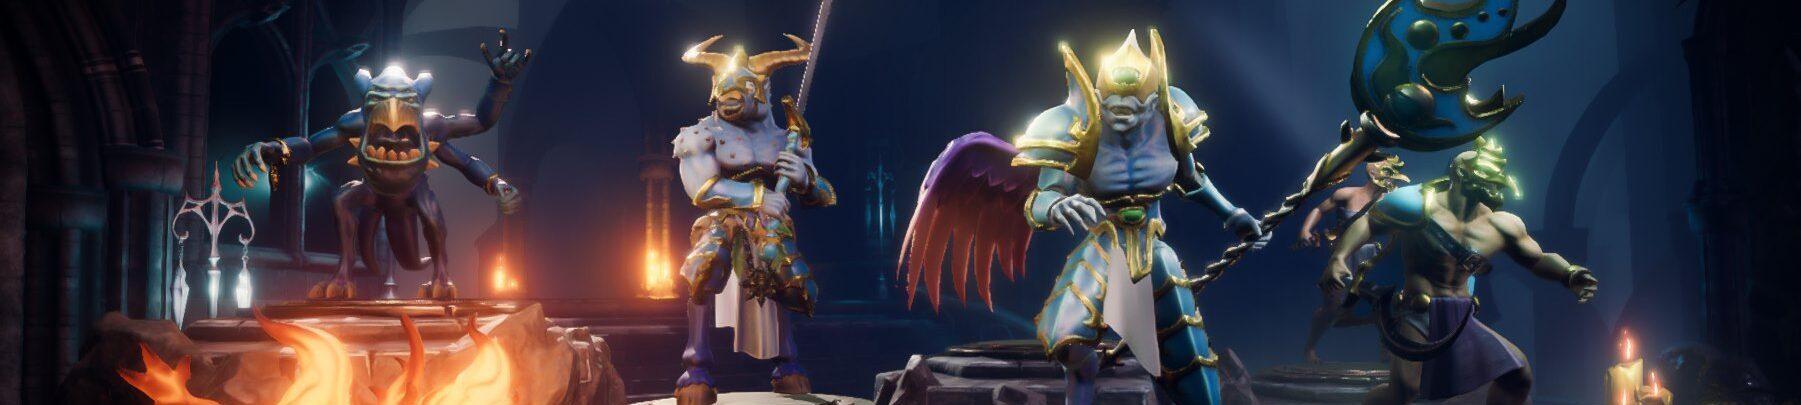 Eyes of the Nine DLC | Warhammer Underworlds: Online